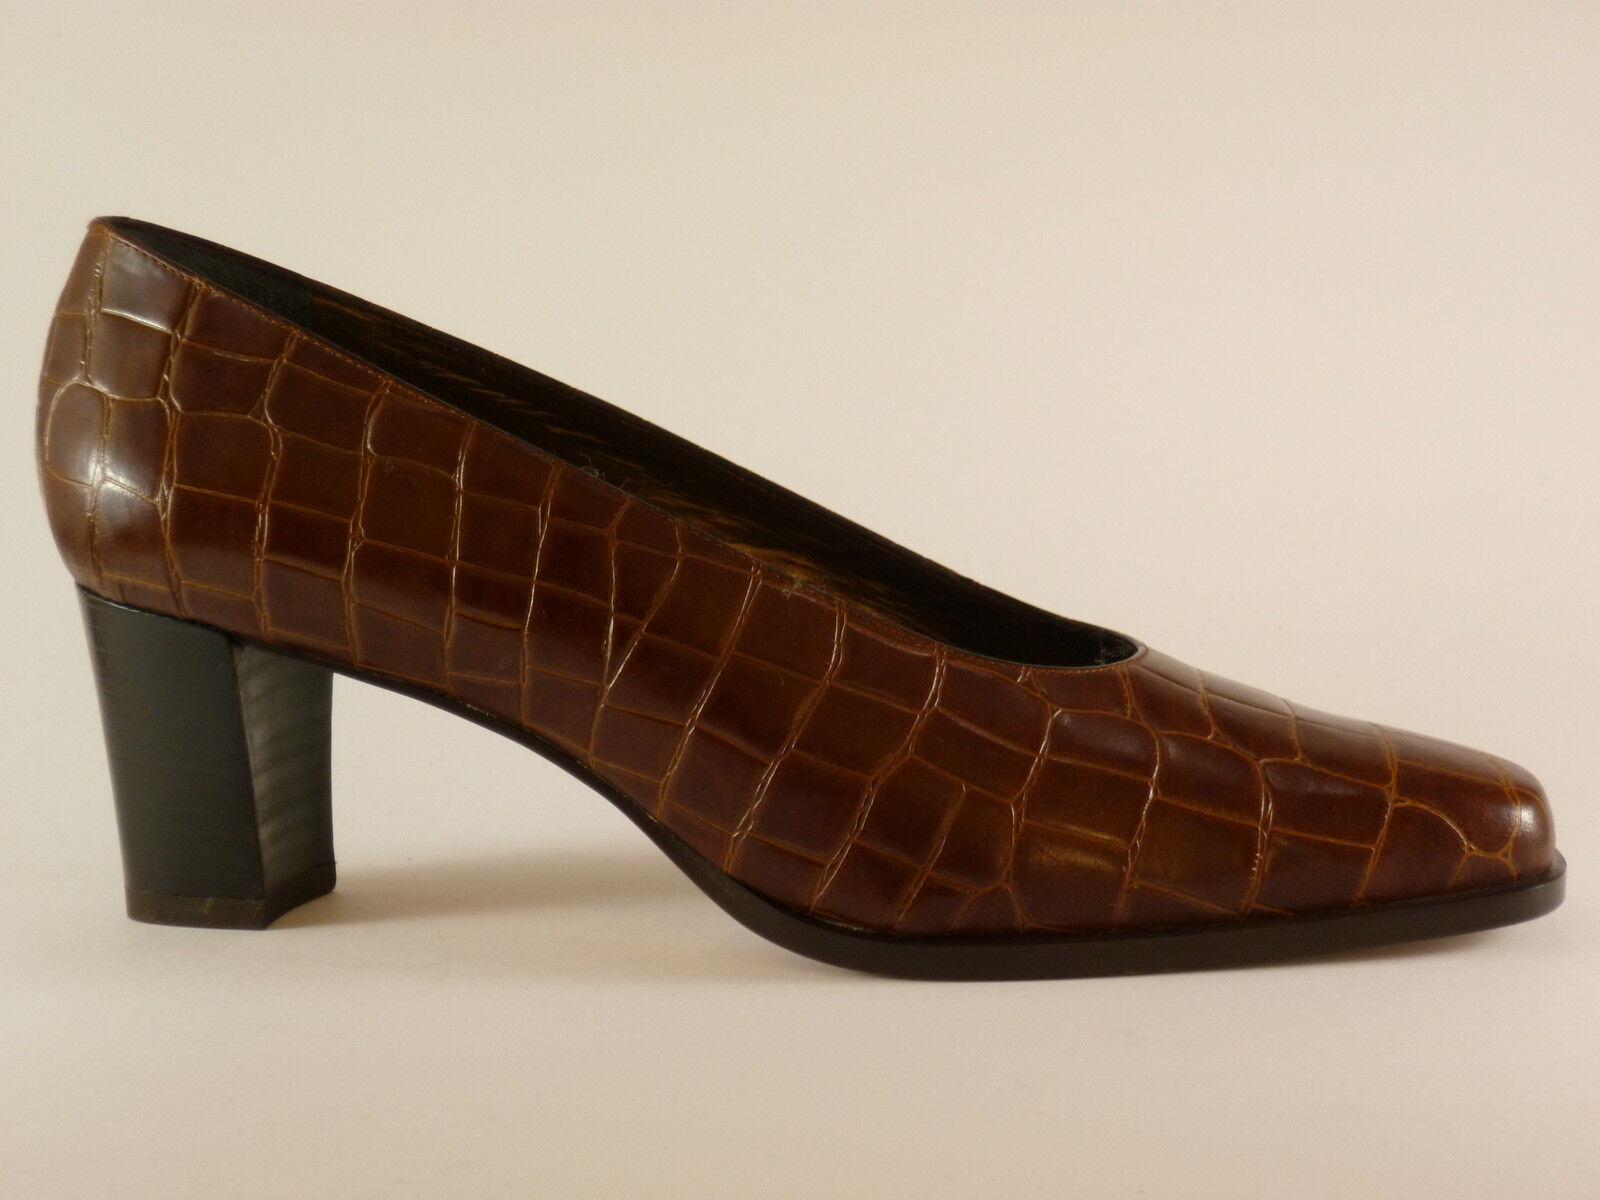 Marcello Giovannetti Zapatos señora 41 cuero cuero cuero marrón noche Zapatos pumps nuevo  buena reputación